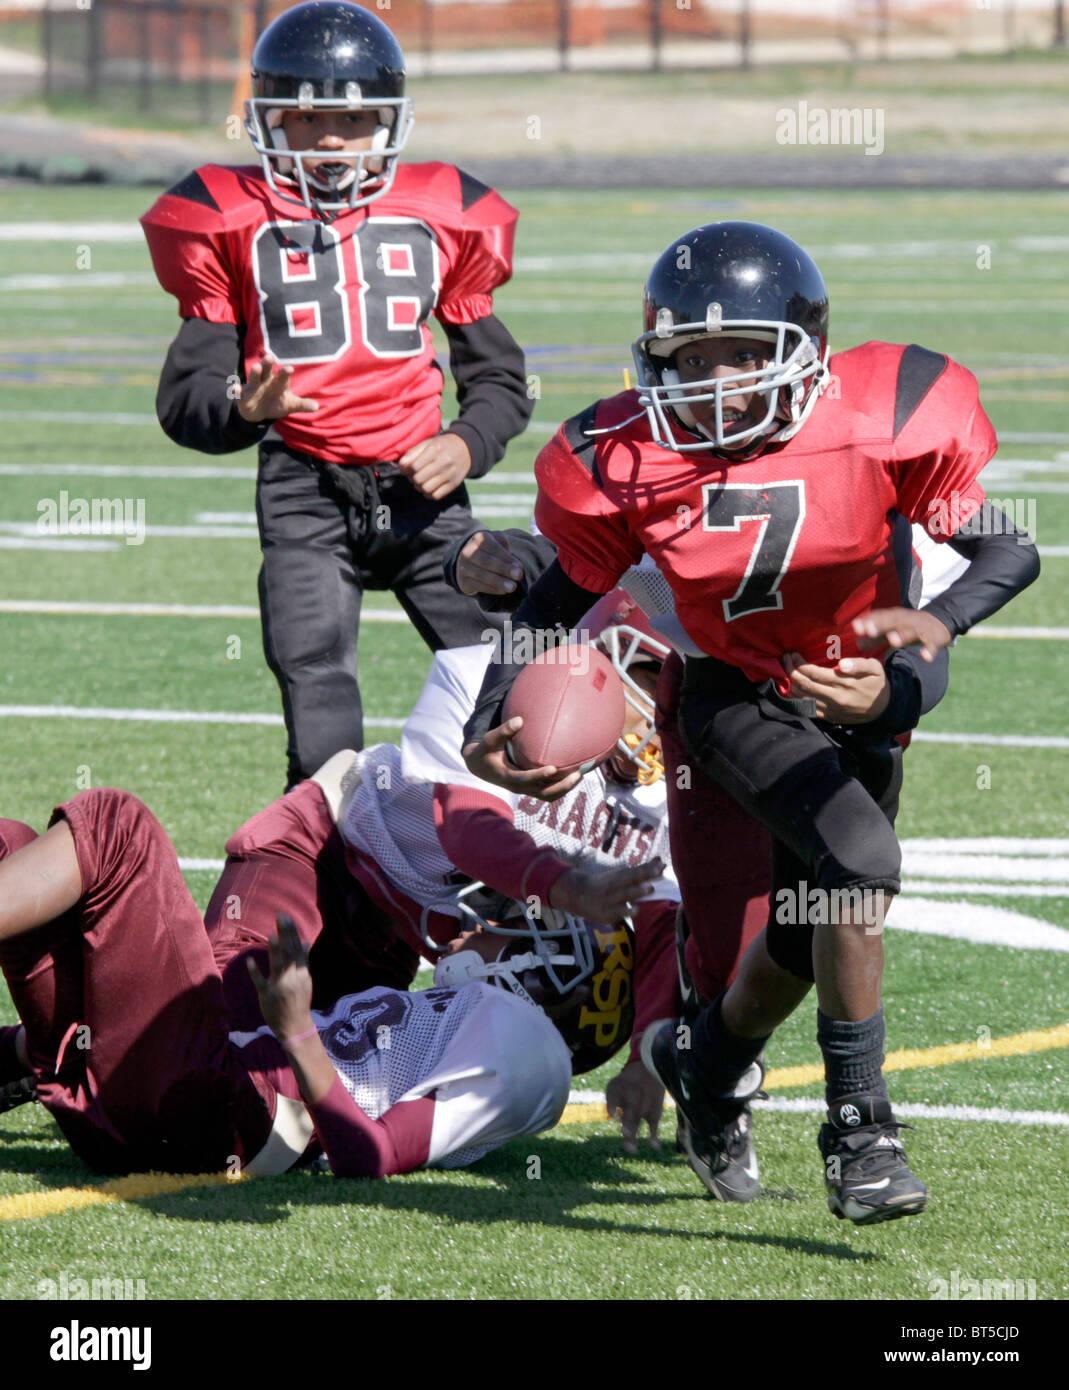 Il football americano inner city partita del campionato di Roanoke, Virginia. Immagini Stock